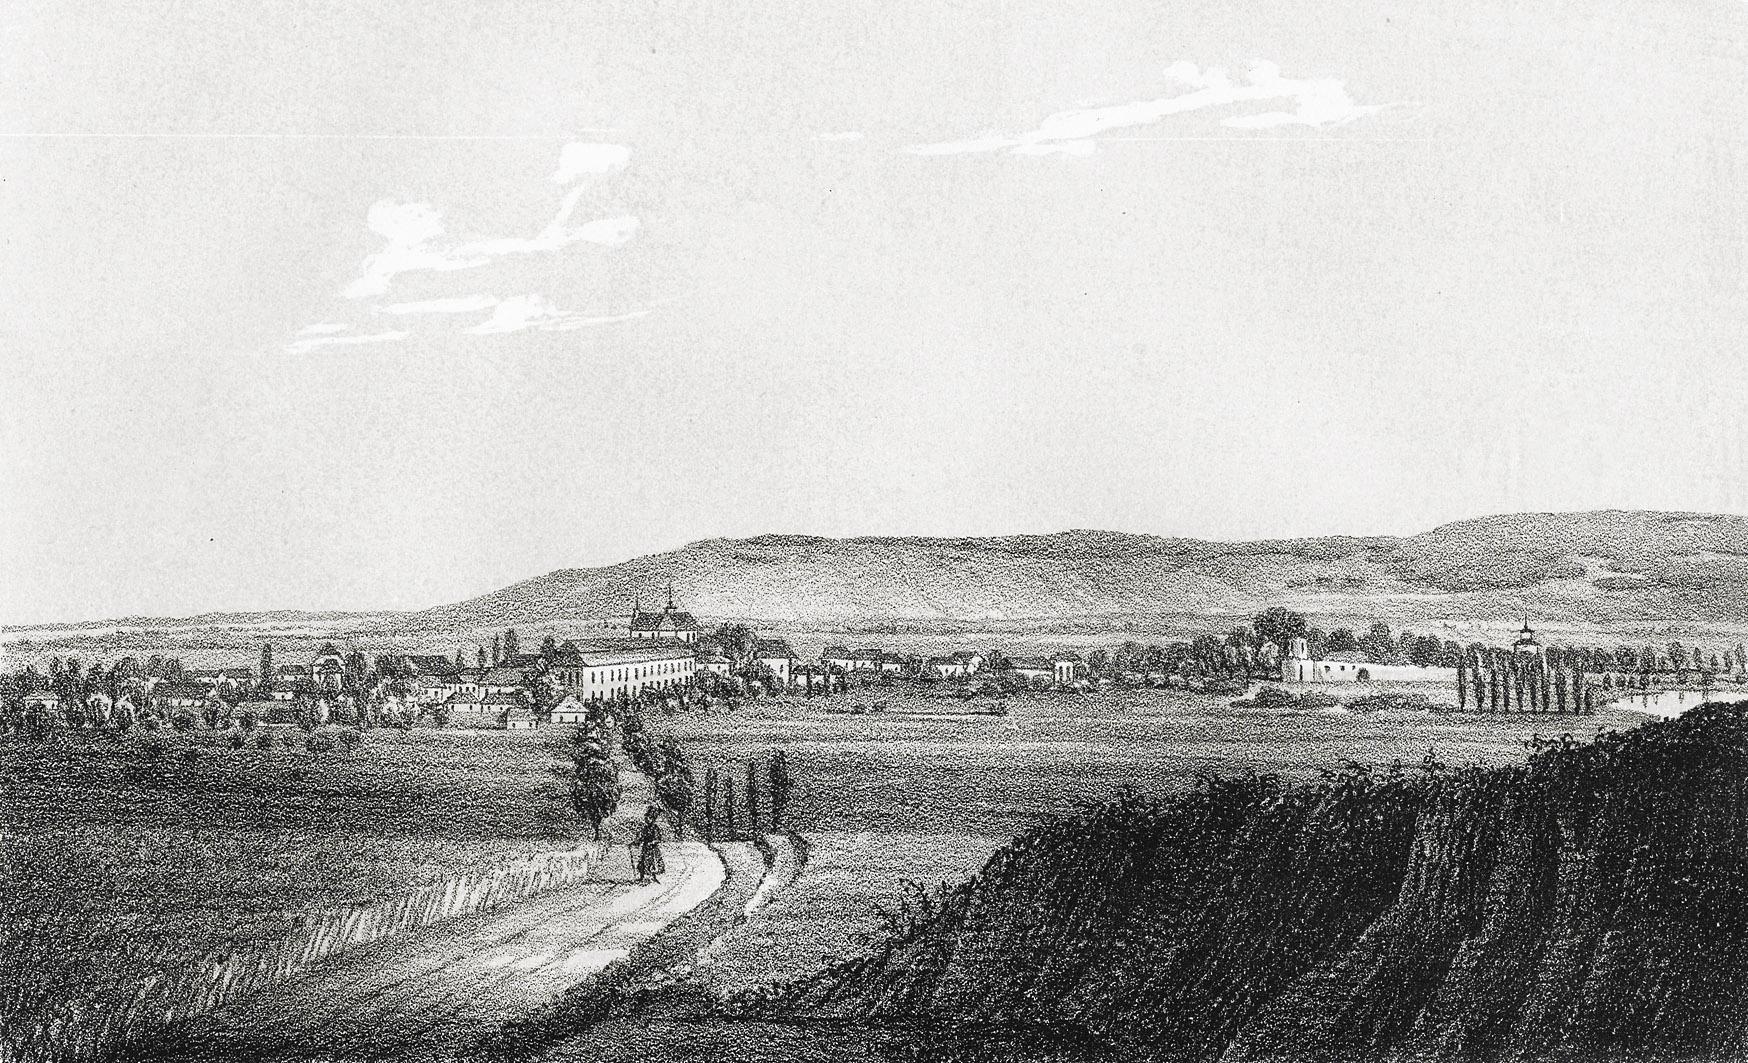 Мацей Боґуш Зиґмунт Стенчинський. Білий Камінь, 1848; літографія